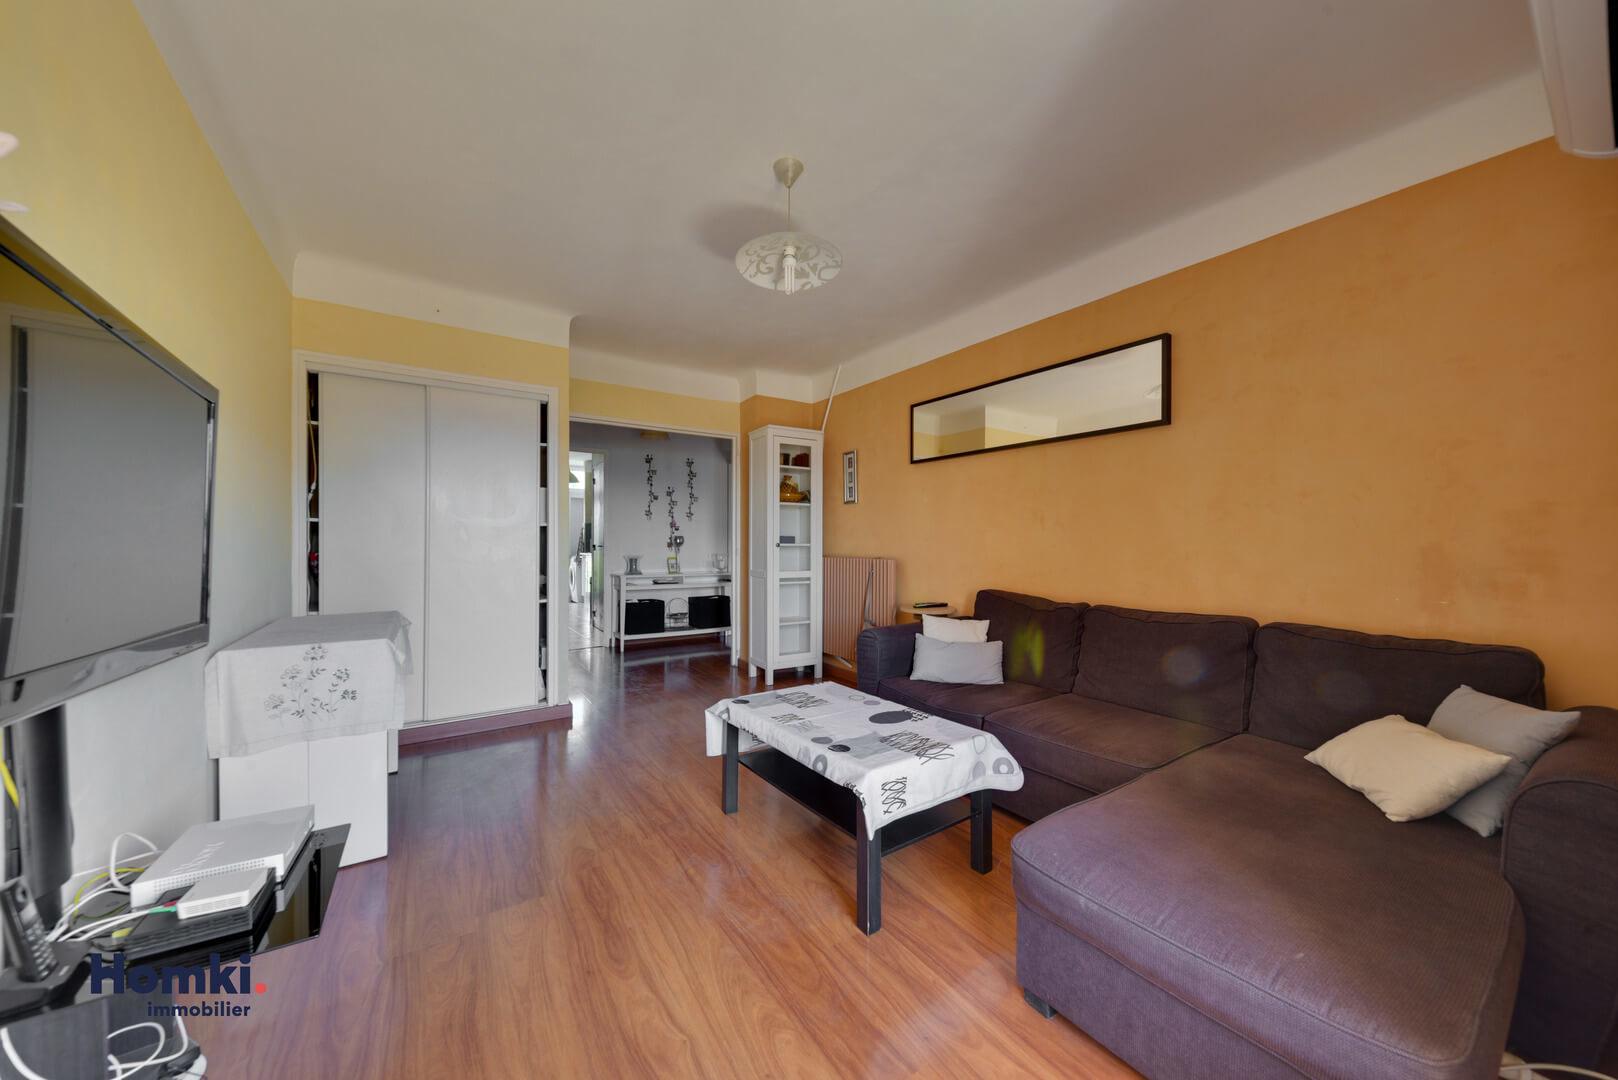 Vente Appartement 54 m² T3 13015_3